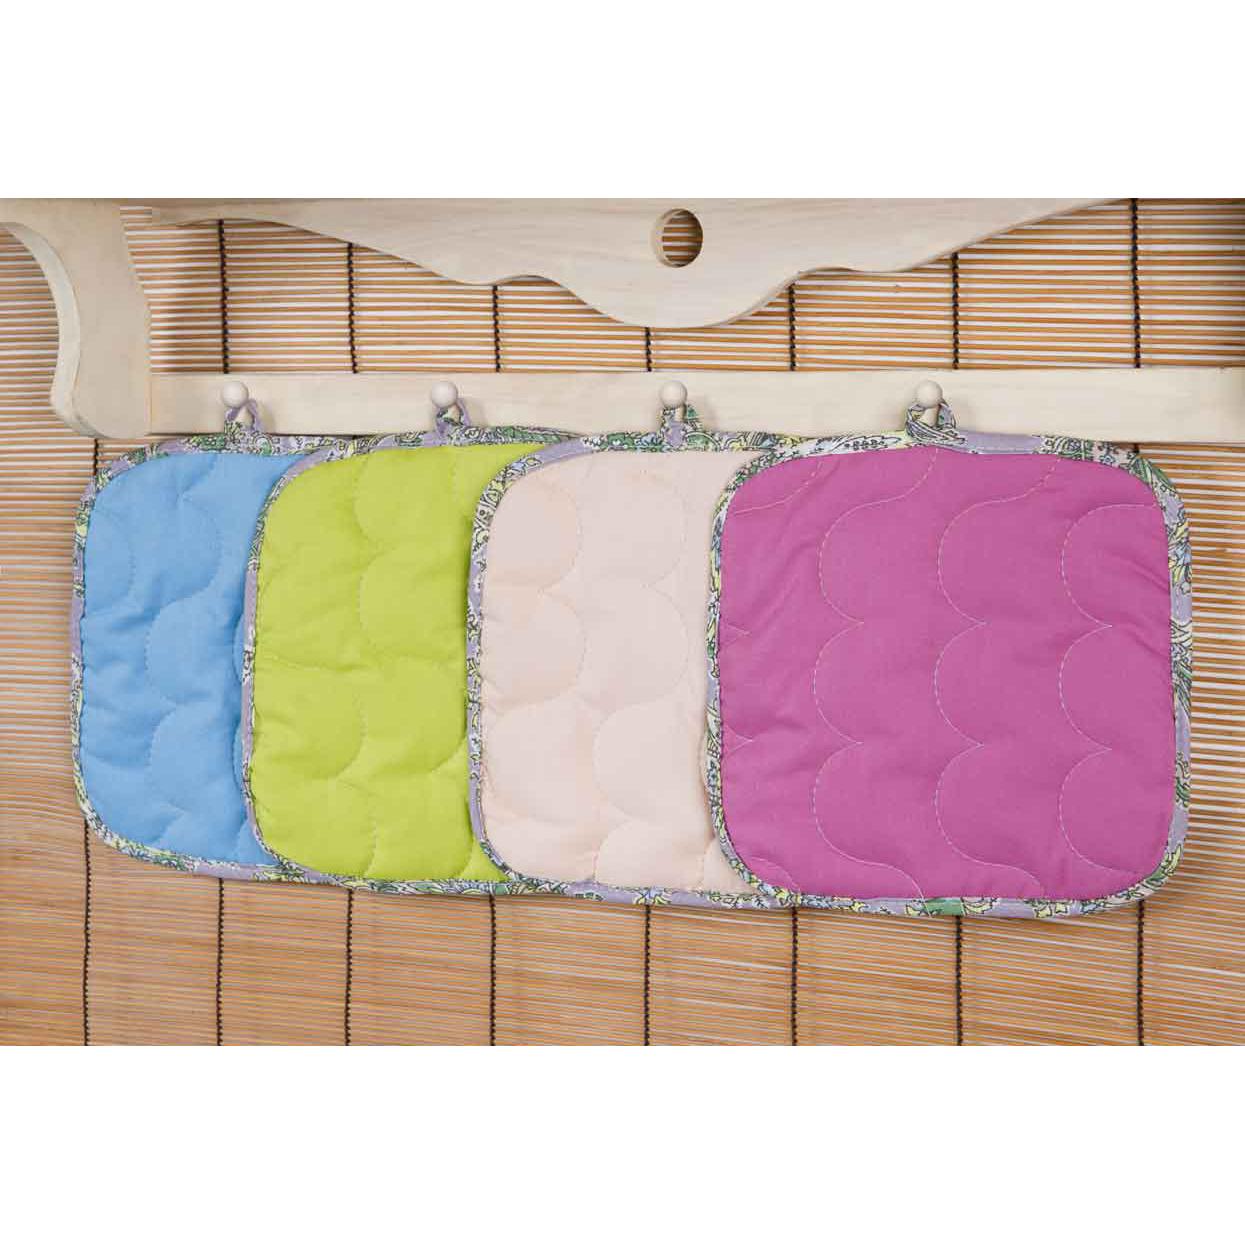 Прихватка Rainbow Квадратная, цвет АквамаринКухонные принадлежности<br>Основная ткань:100% хлопок, поплин<br>Плотность ткани:118 г/кв. м<br>Ткань отделки:100% хлопок, бязь<br>Плотность ткани:125 г/кв. м<br>Наполнитель:100% полиэстер<br><br>Тип: Кухонные принадлежности<br>Размер: -<br>Материал: Поплин